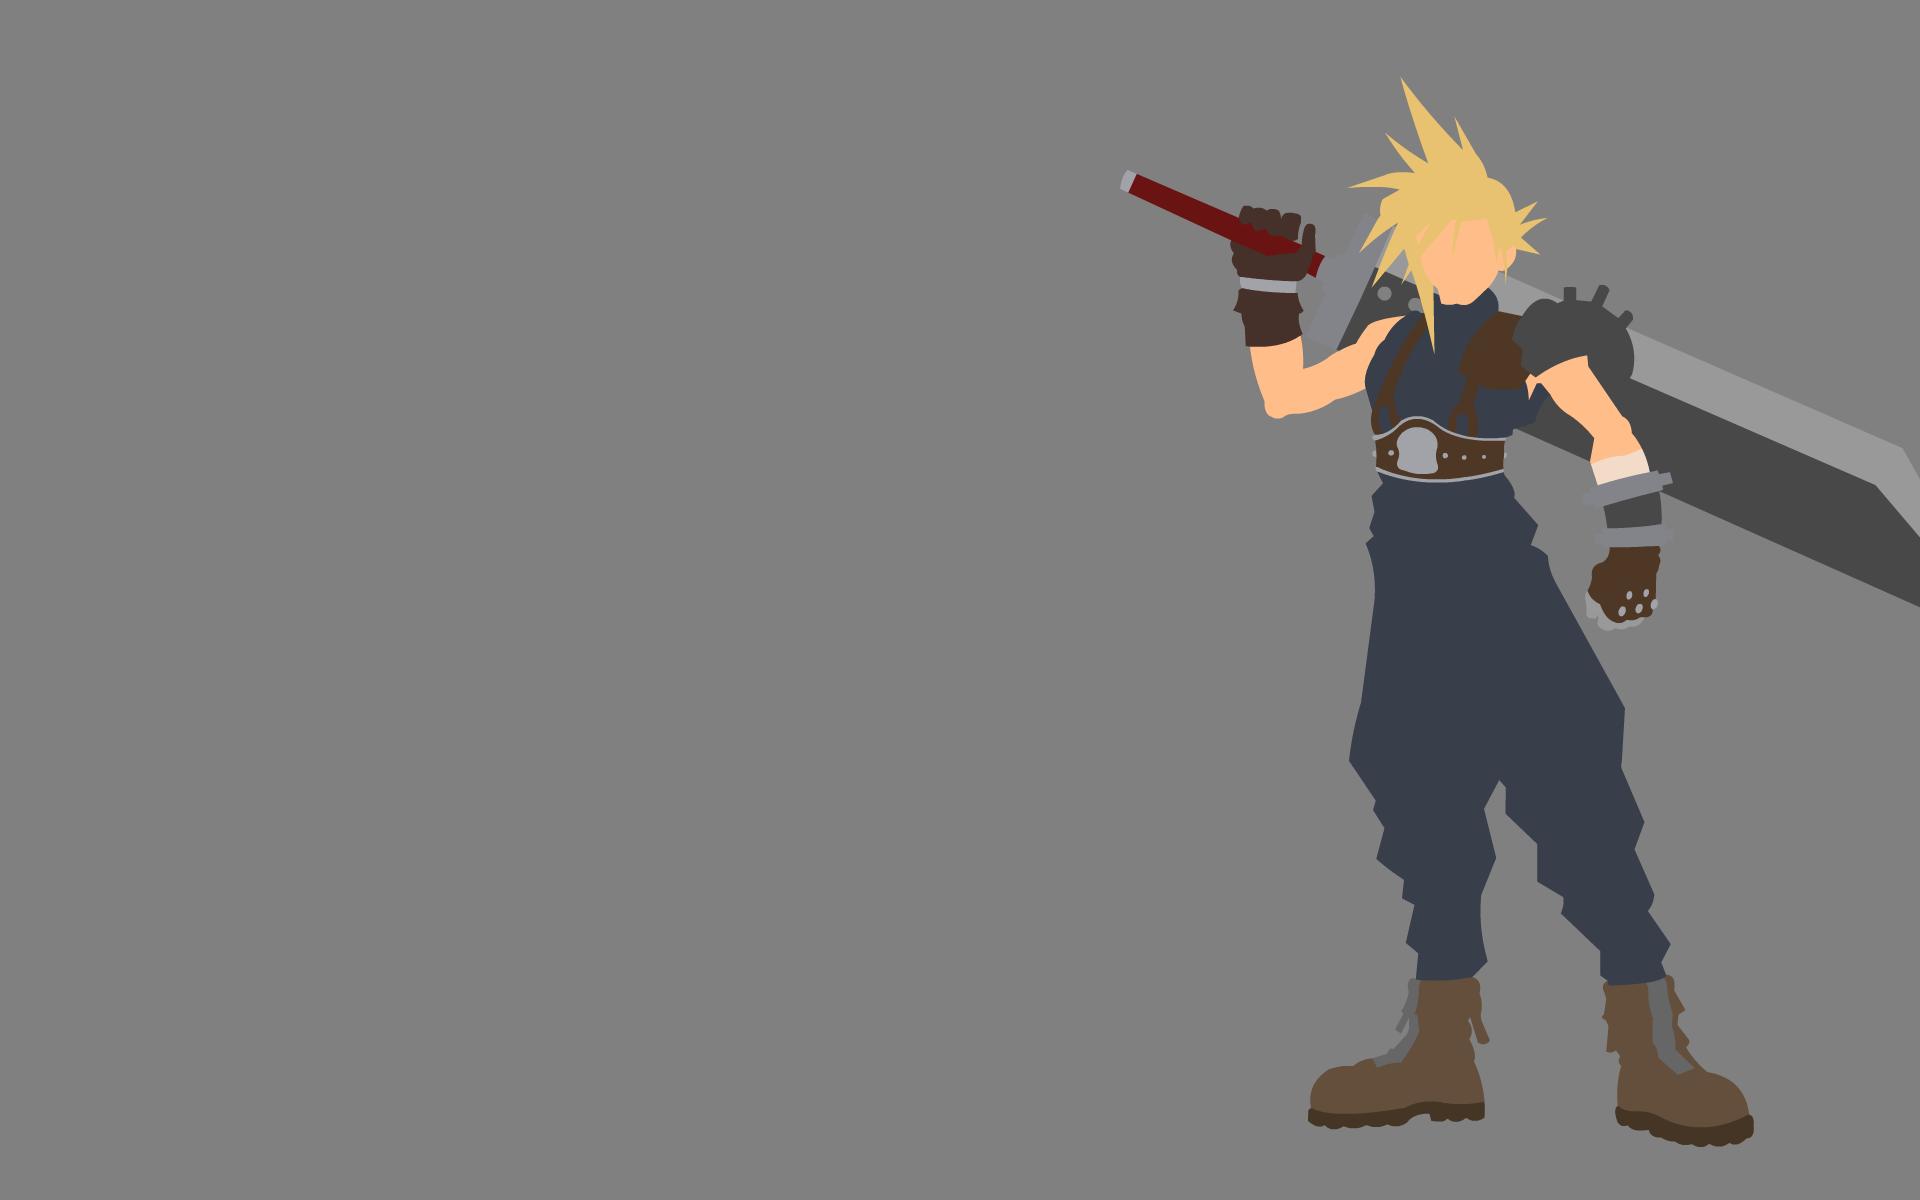 Cloud Strife 2 Final Fantasy By Dragonitearmy On Deviantart